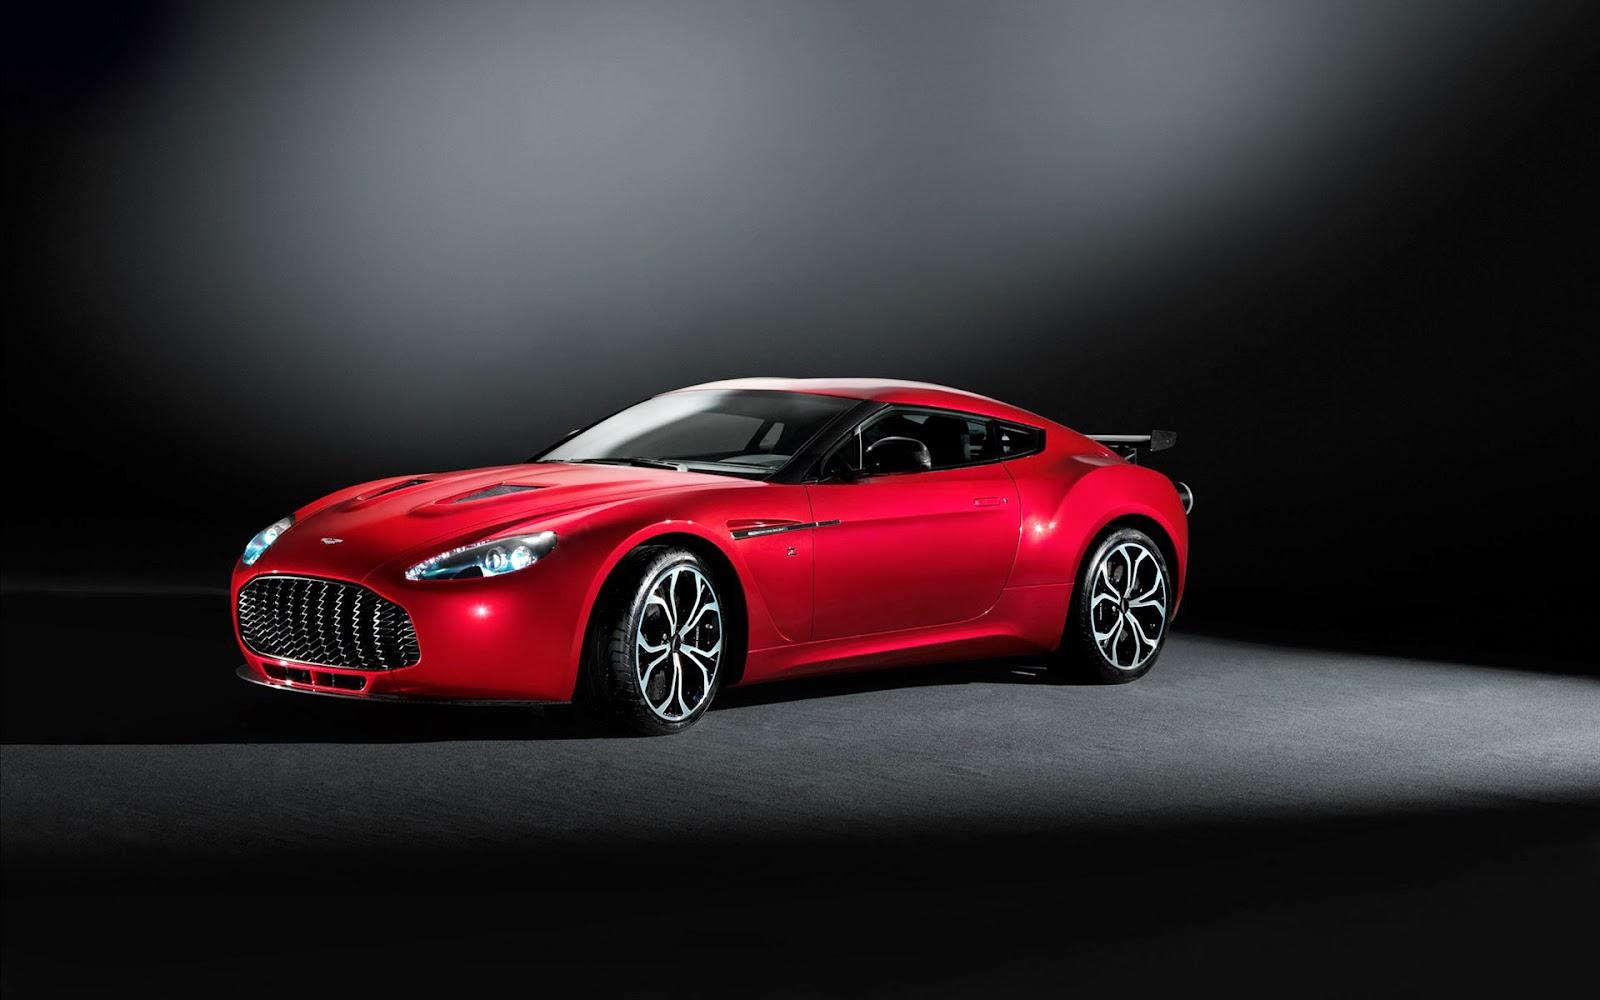 http://www.autocarsinfo.com/2014/10/2013-aston-martin-v12-zagato-best.html